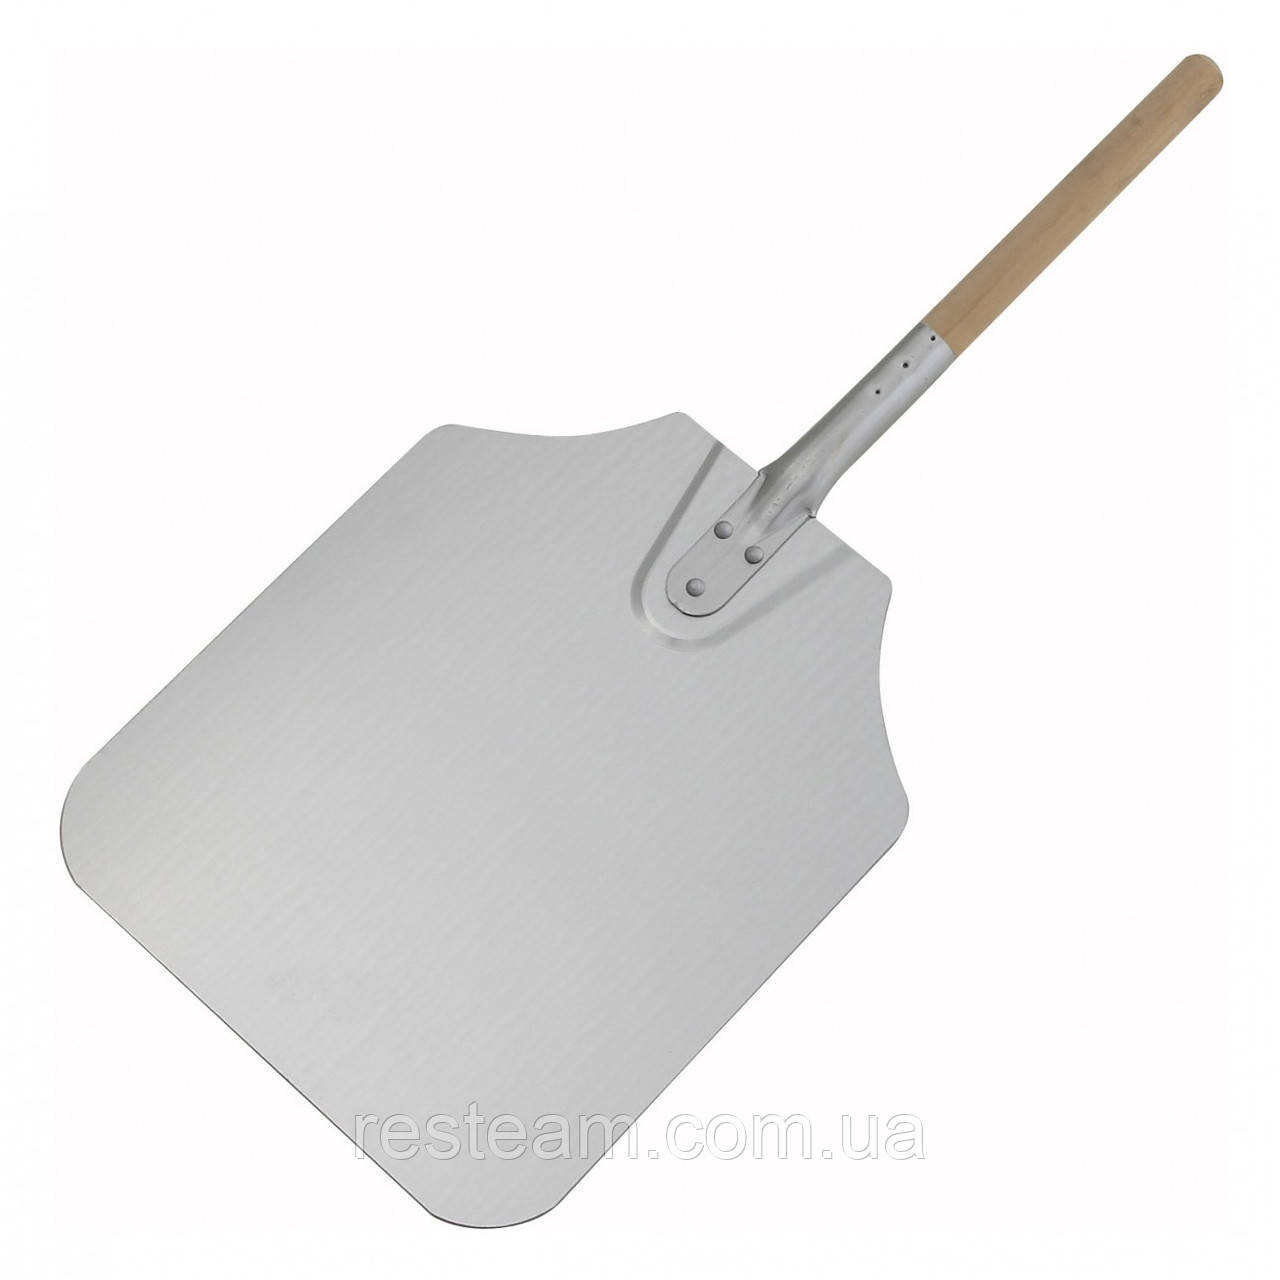 Лопата для пиццы алюмин. 30*35 см с дерев. ручк. 1,32м APP-52 Vinko